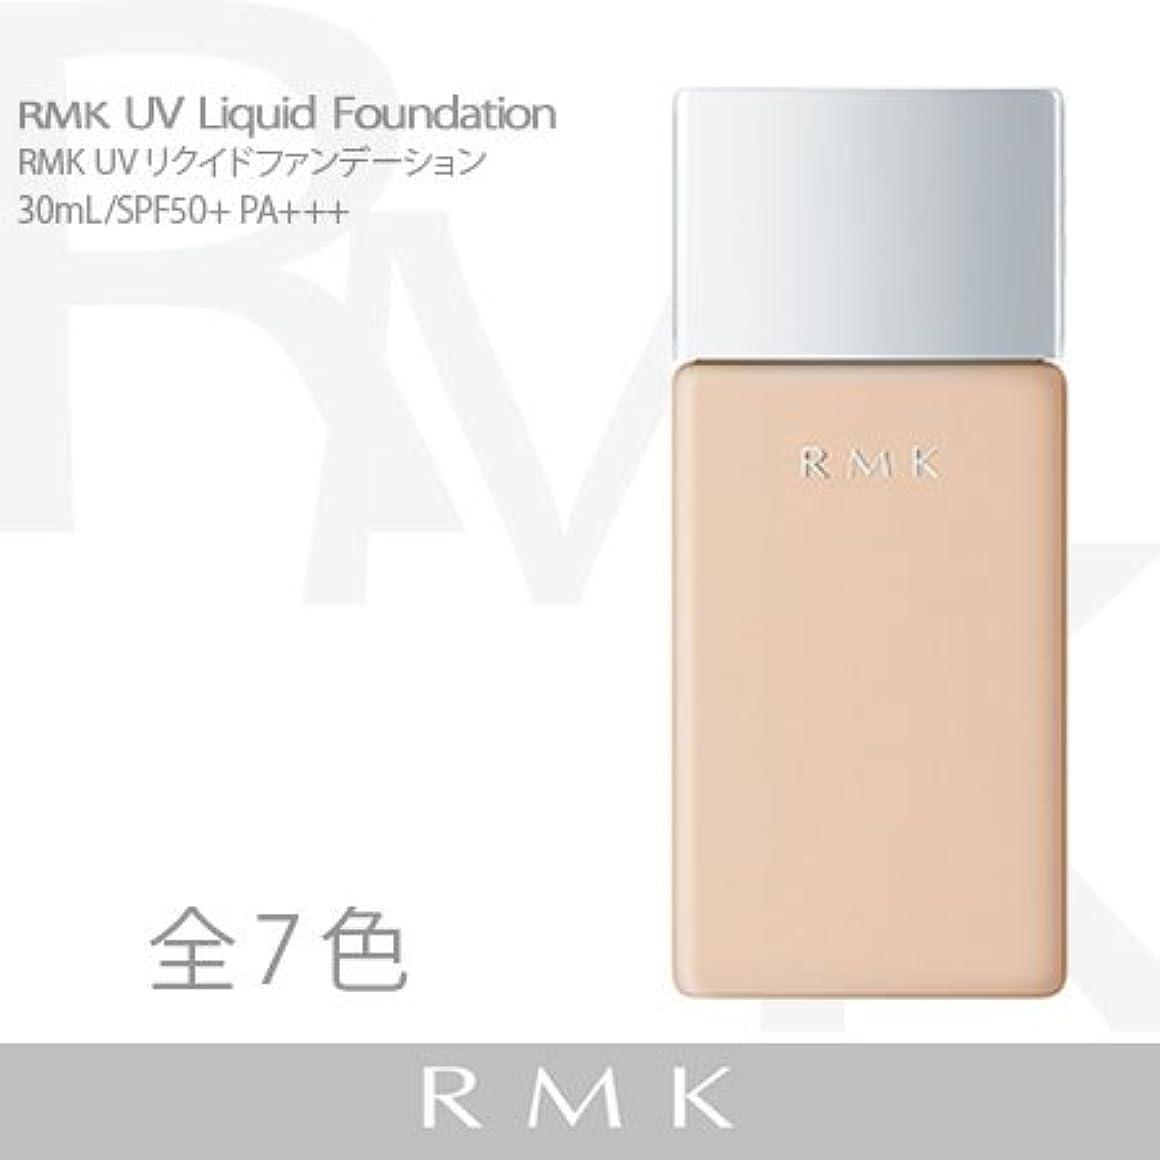 水除外する魅惑的な【RMK (ルミコ)】UVリクイドファンデーション #104 30ml